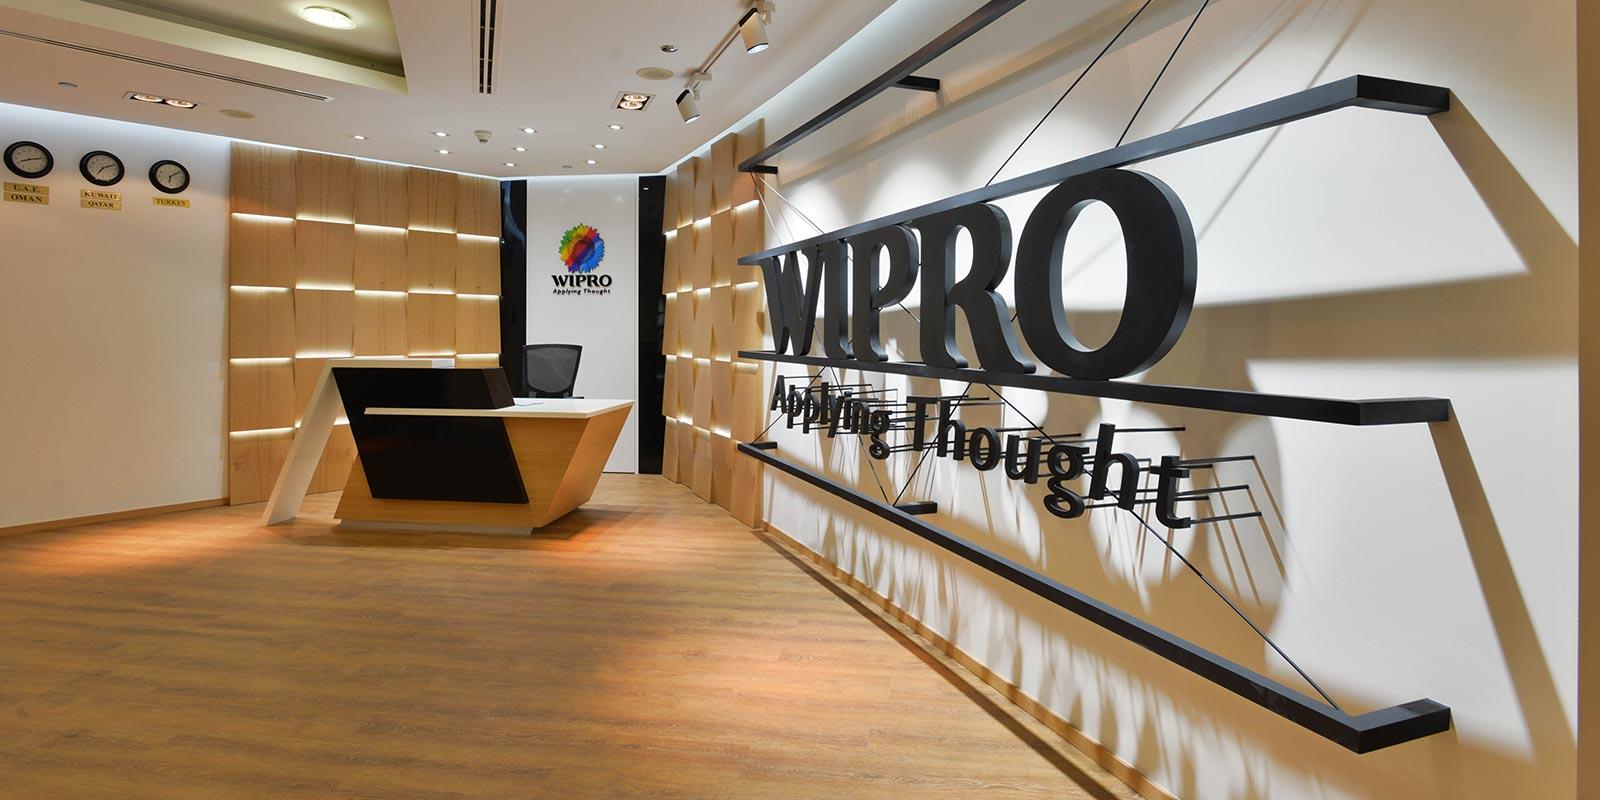 Wipro Dubai